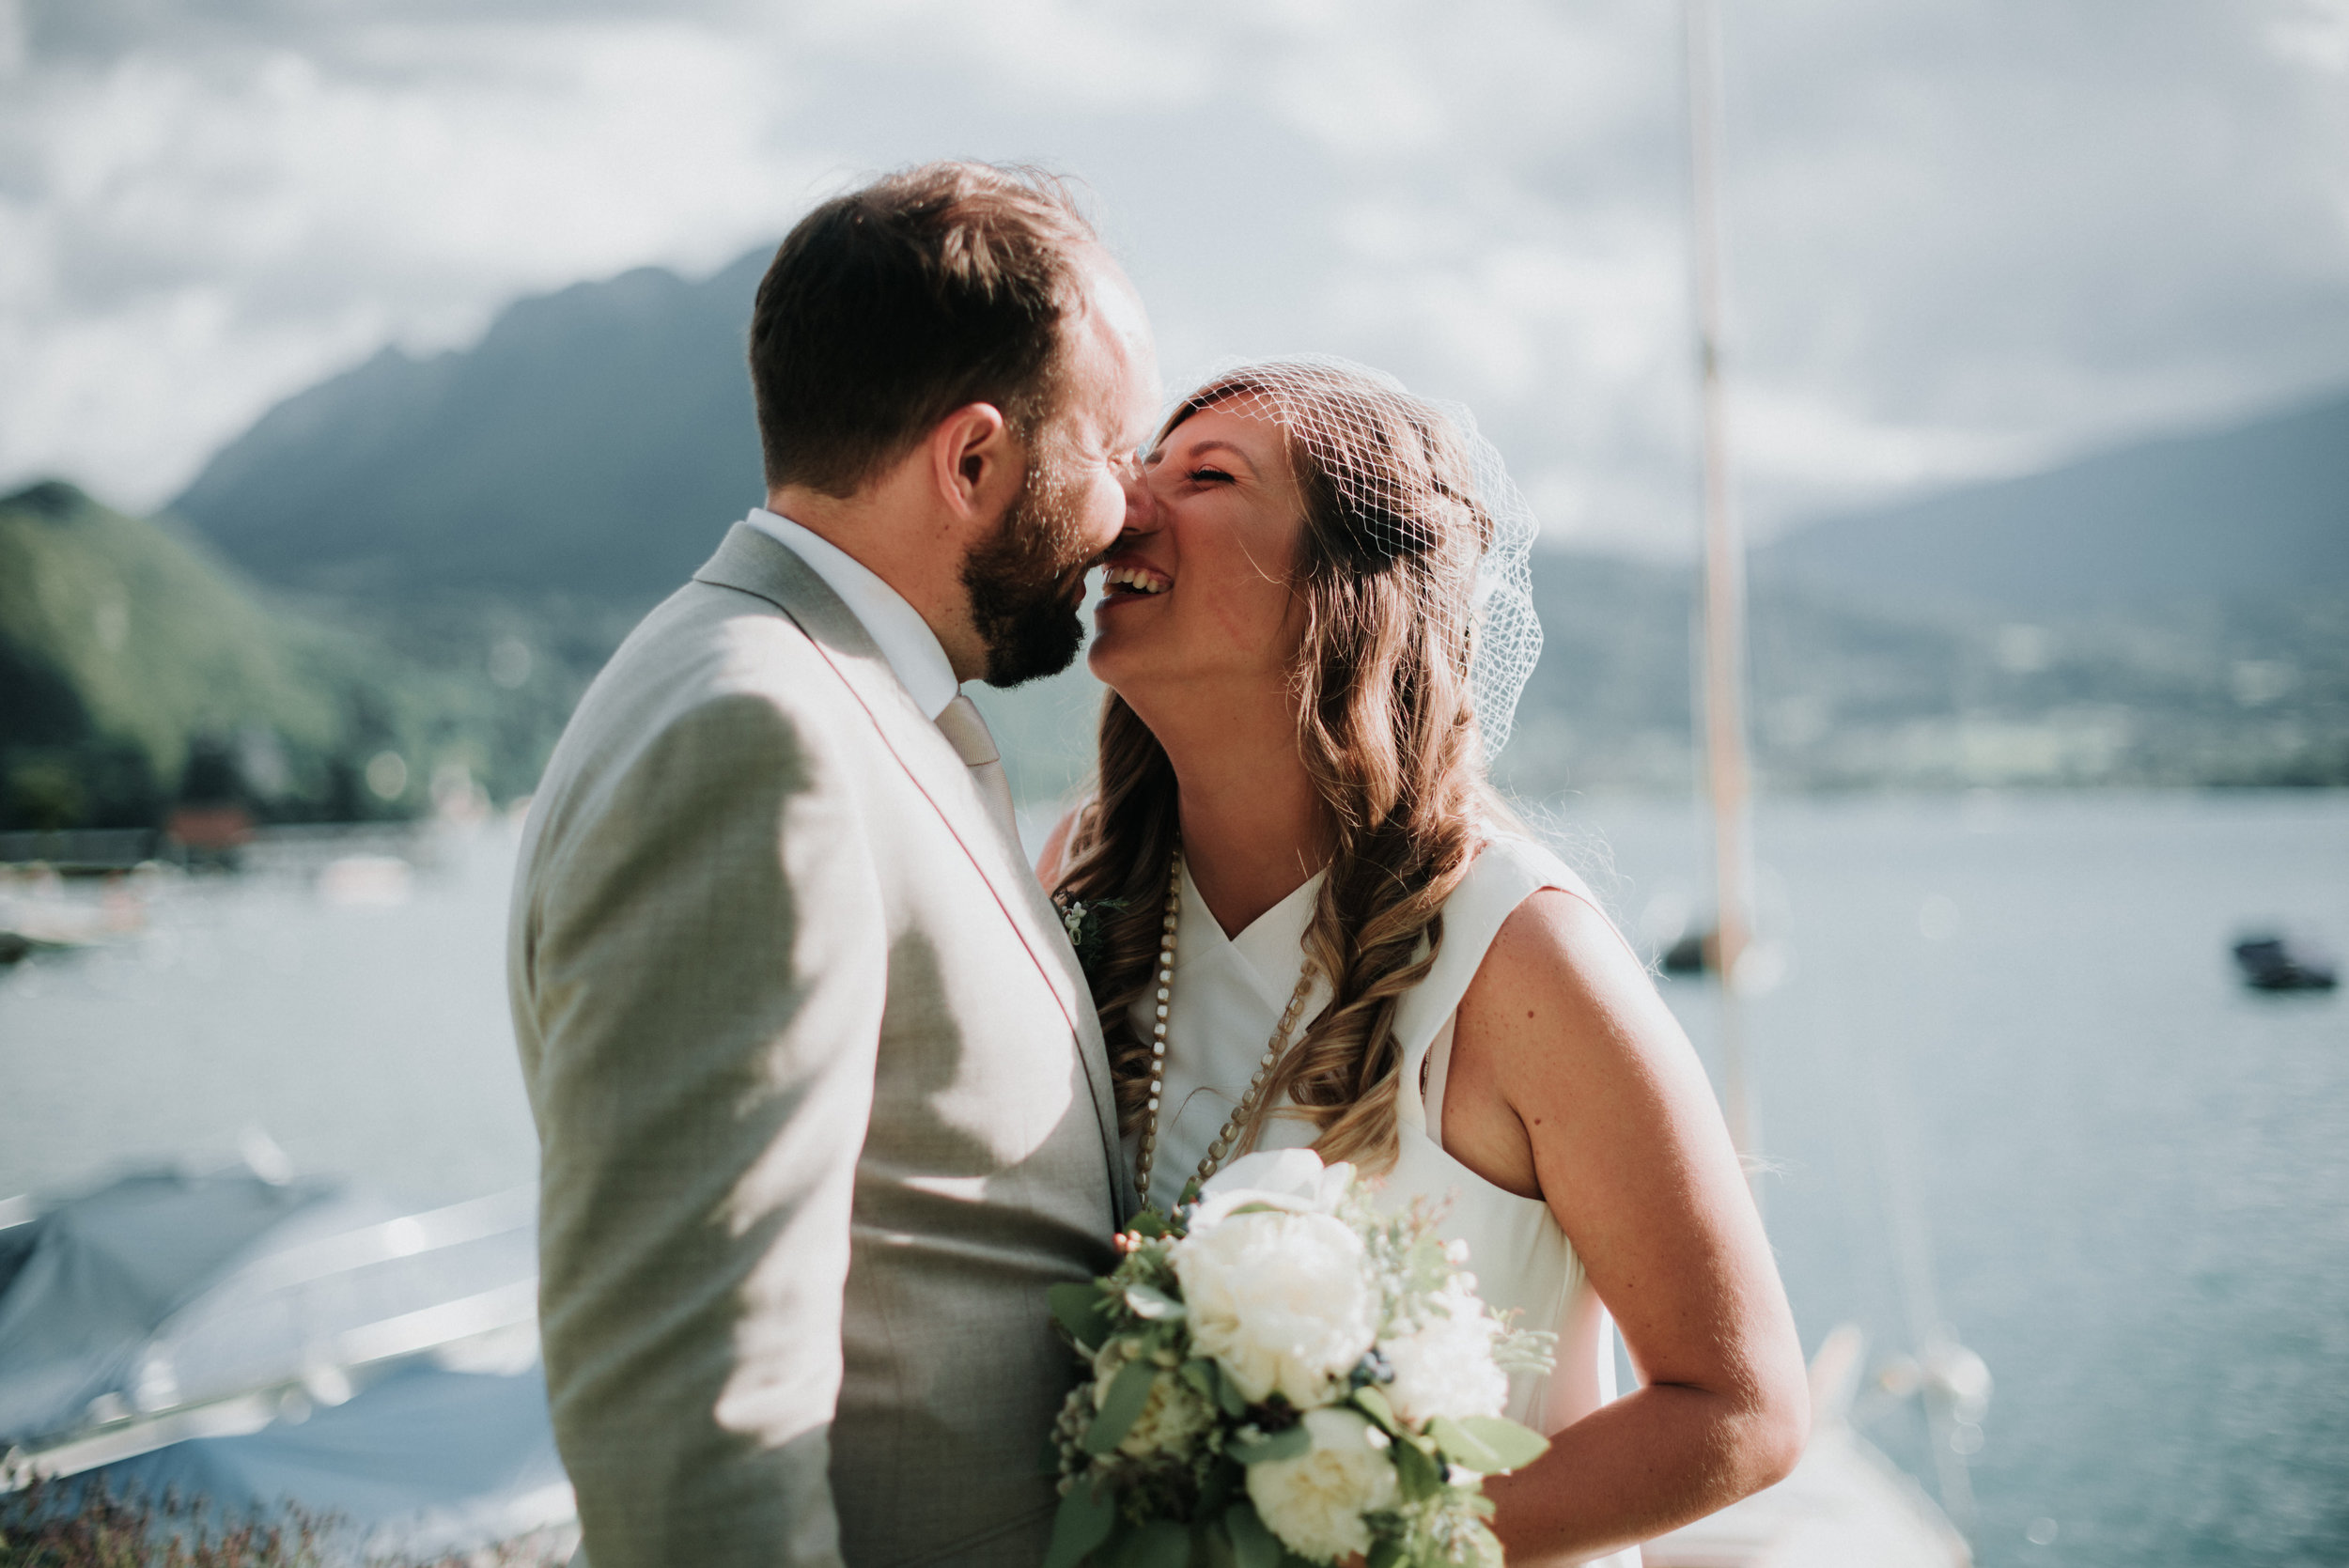 Andréa et Alexis - Mariage sur le lac d'Annecy